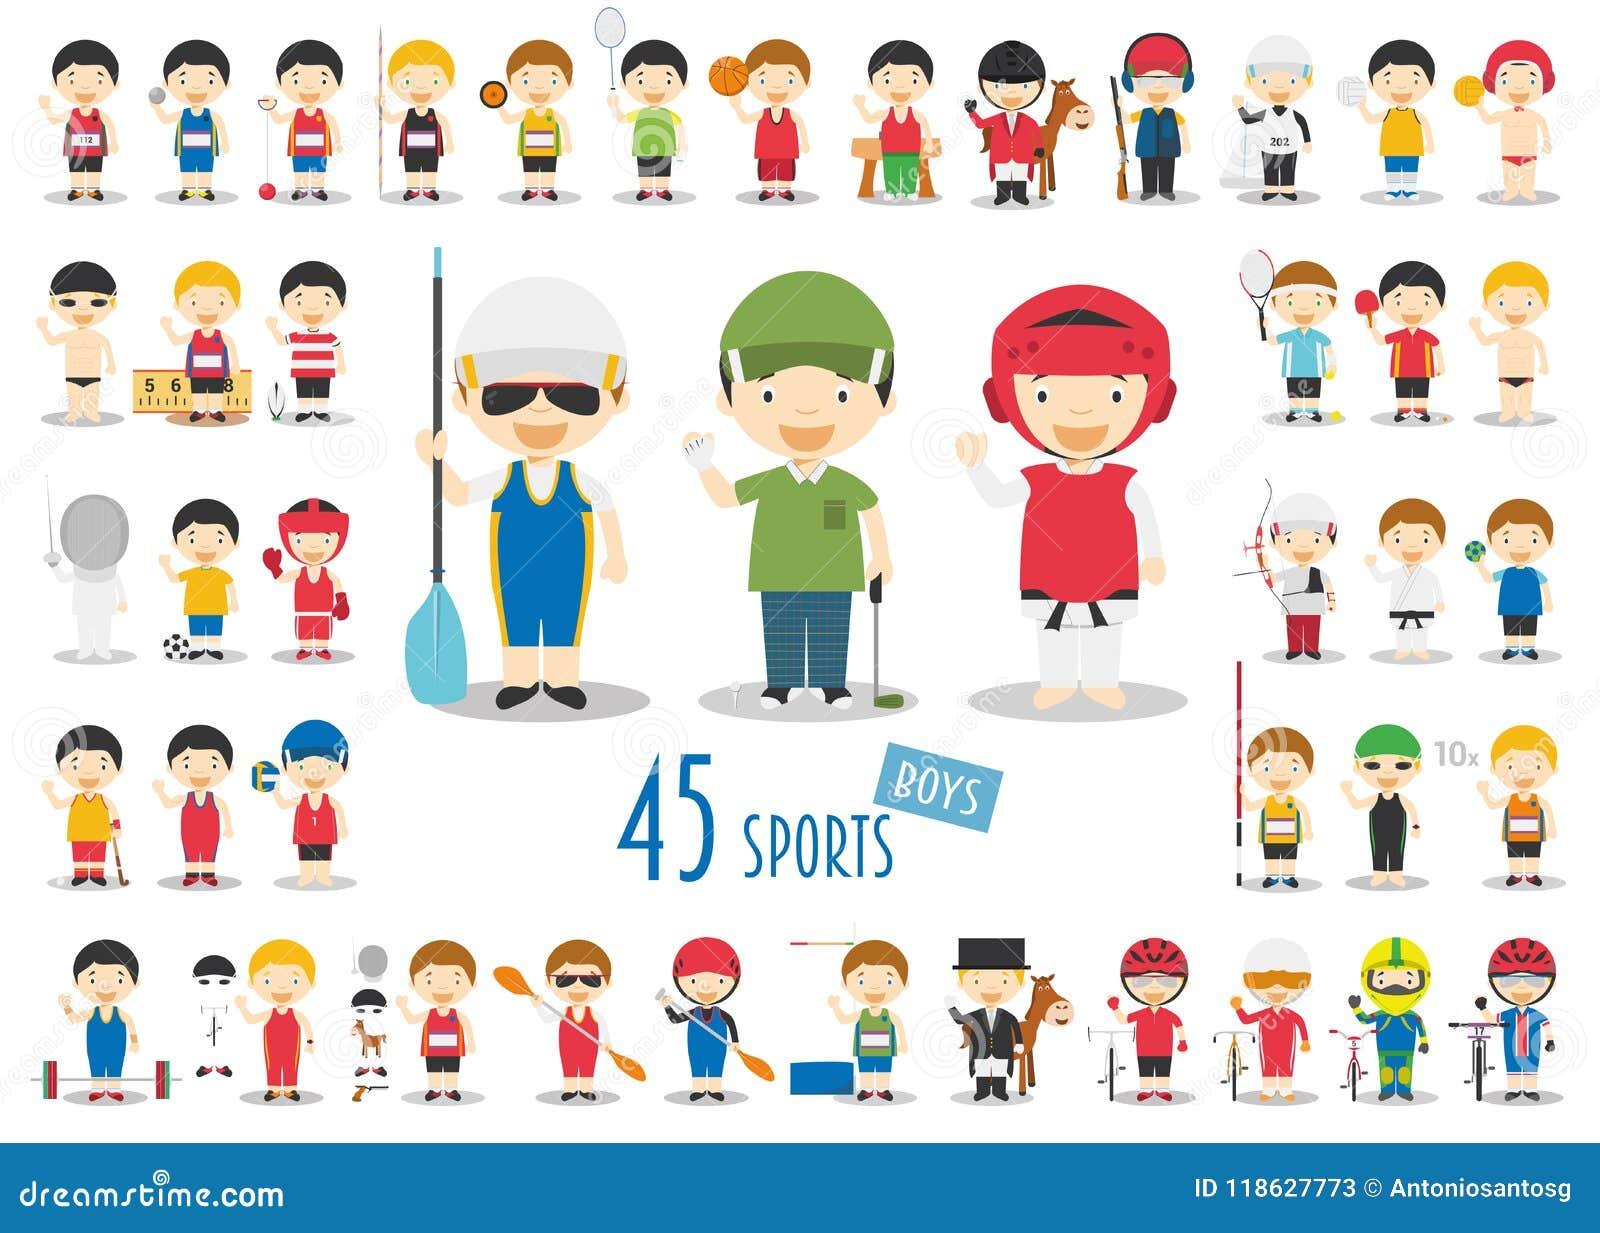 Μεγάλο σύνολο 45 χαριτωμένων αθλητικών χαρακτήρων κινούμενων σχεδίων για τα παιδιά Αστεία αγόρια κινούμενων σχεδίων